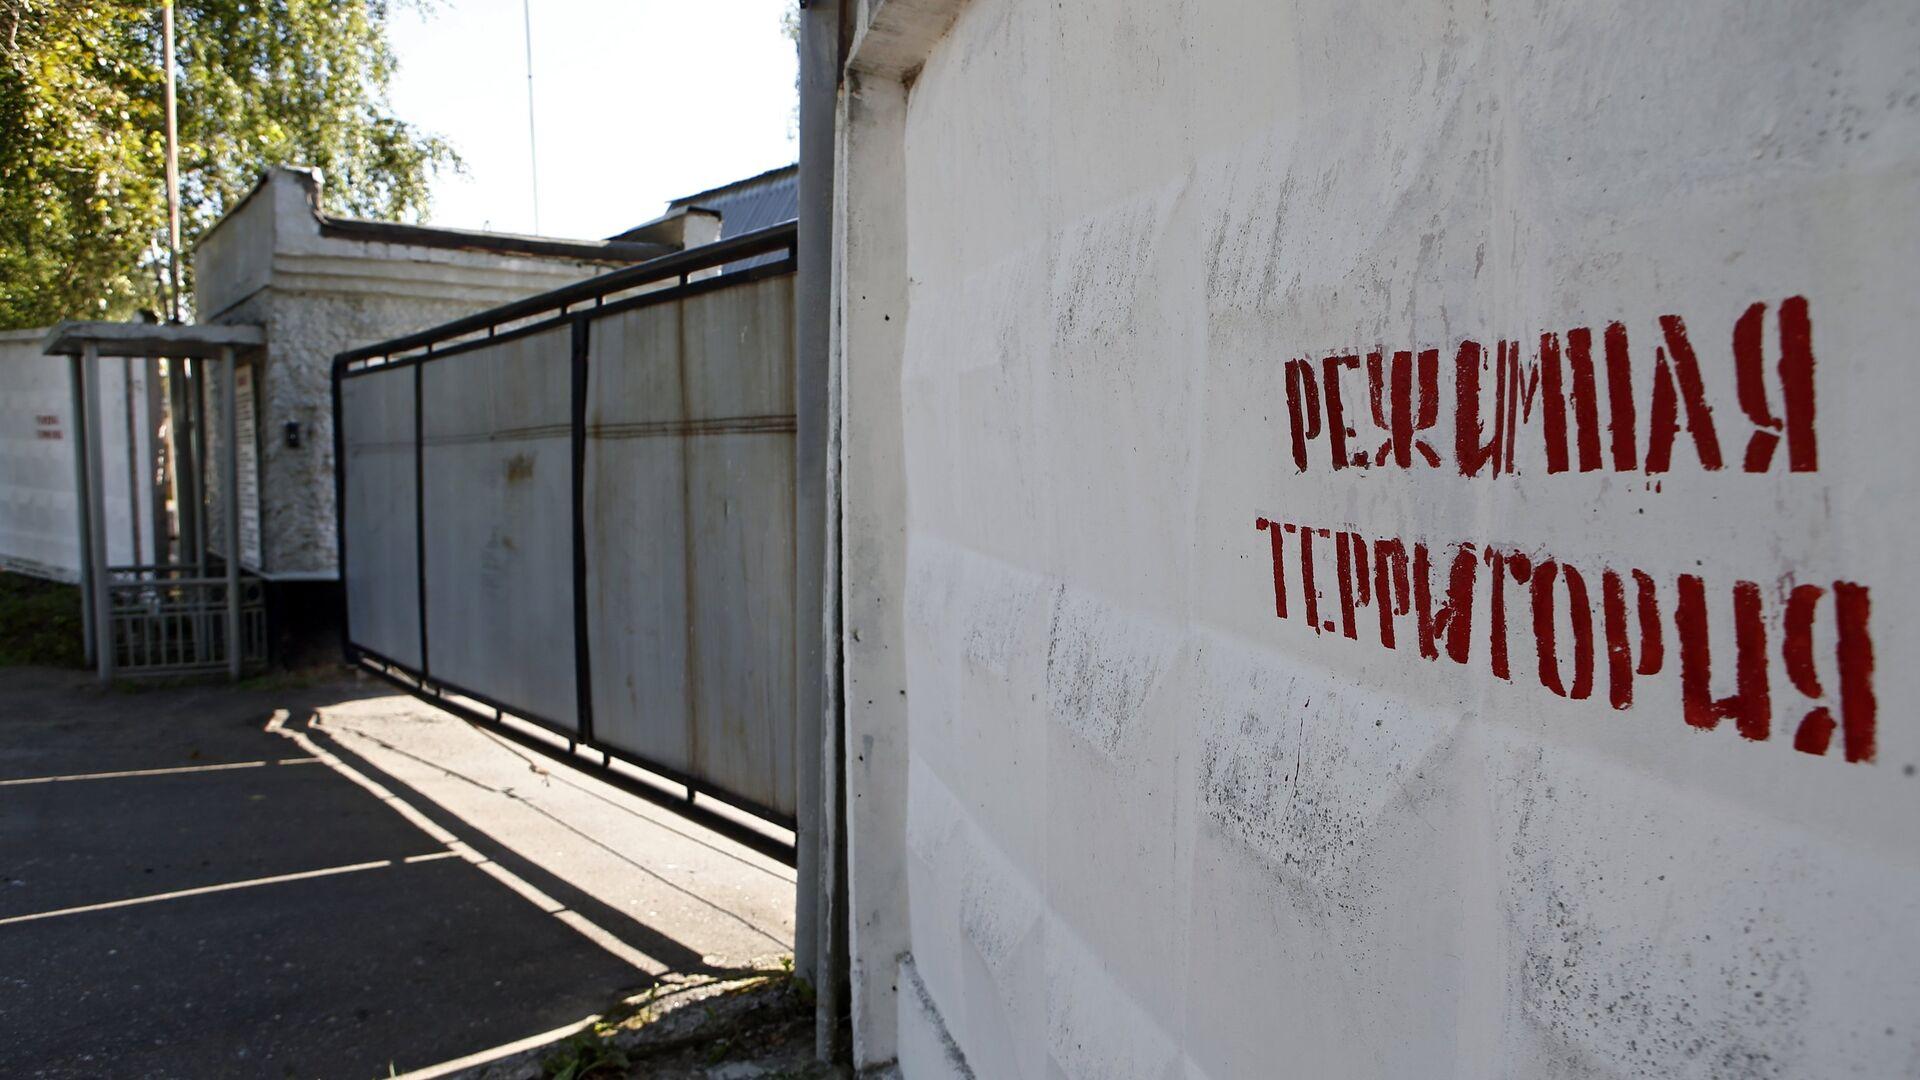 Ворота контрольно-пропускного пункта исправительной колонии №1 в Ярославле - РИА Новости, 1920, 26.02.2021